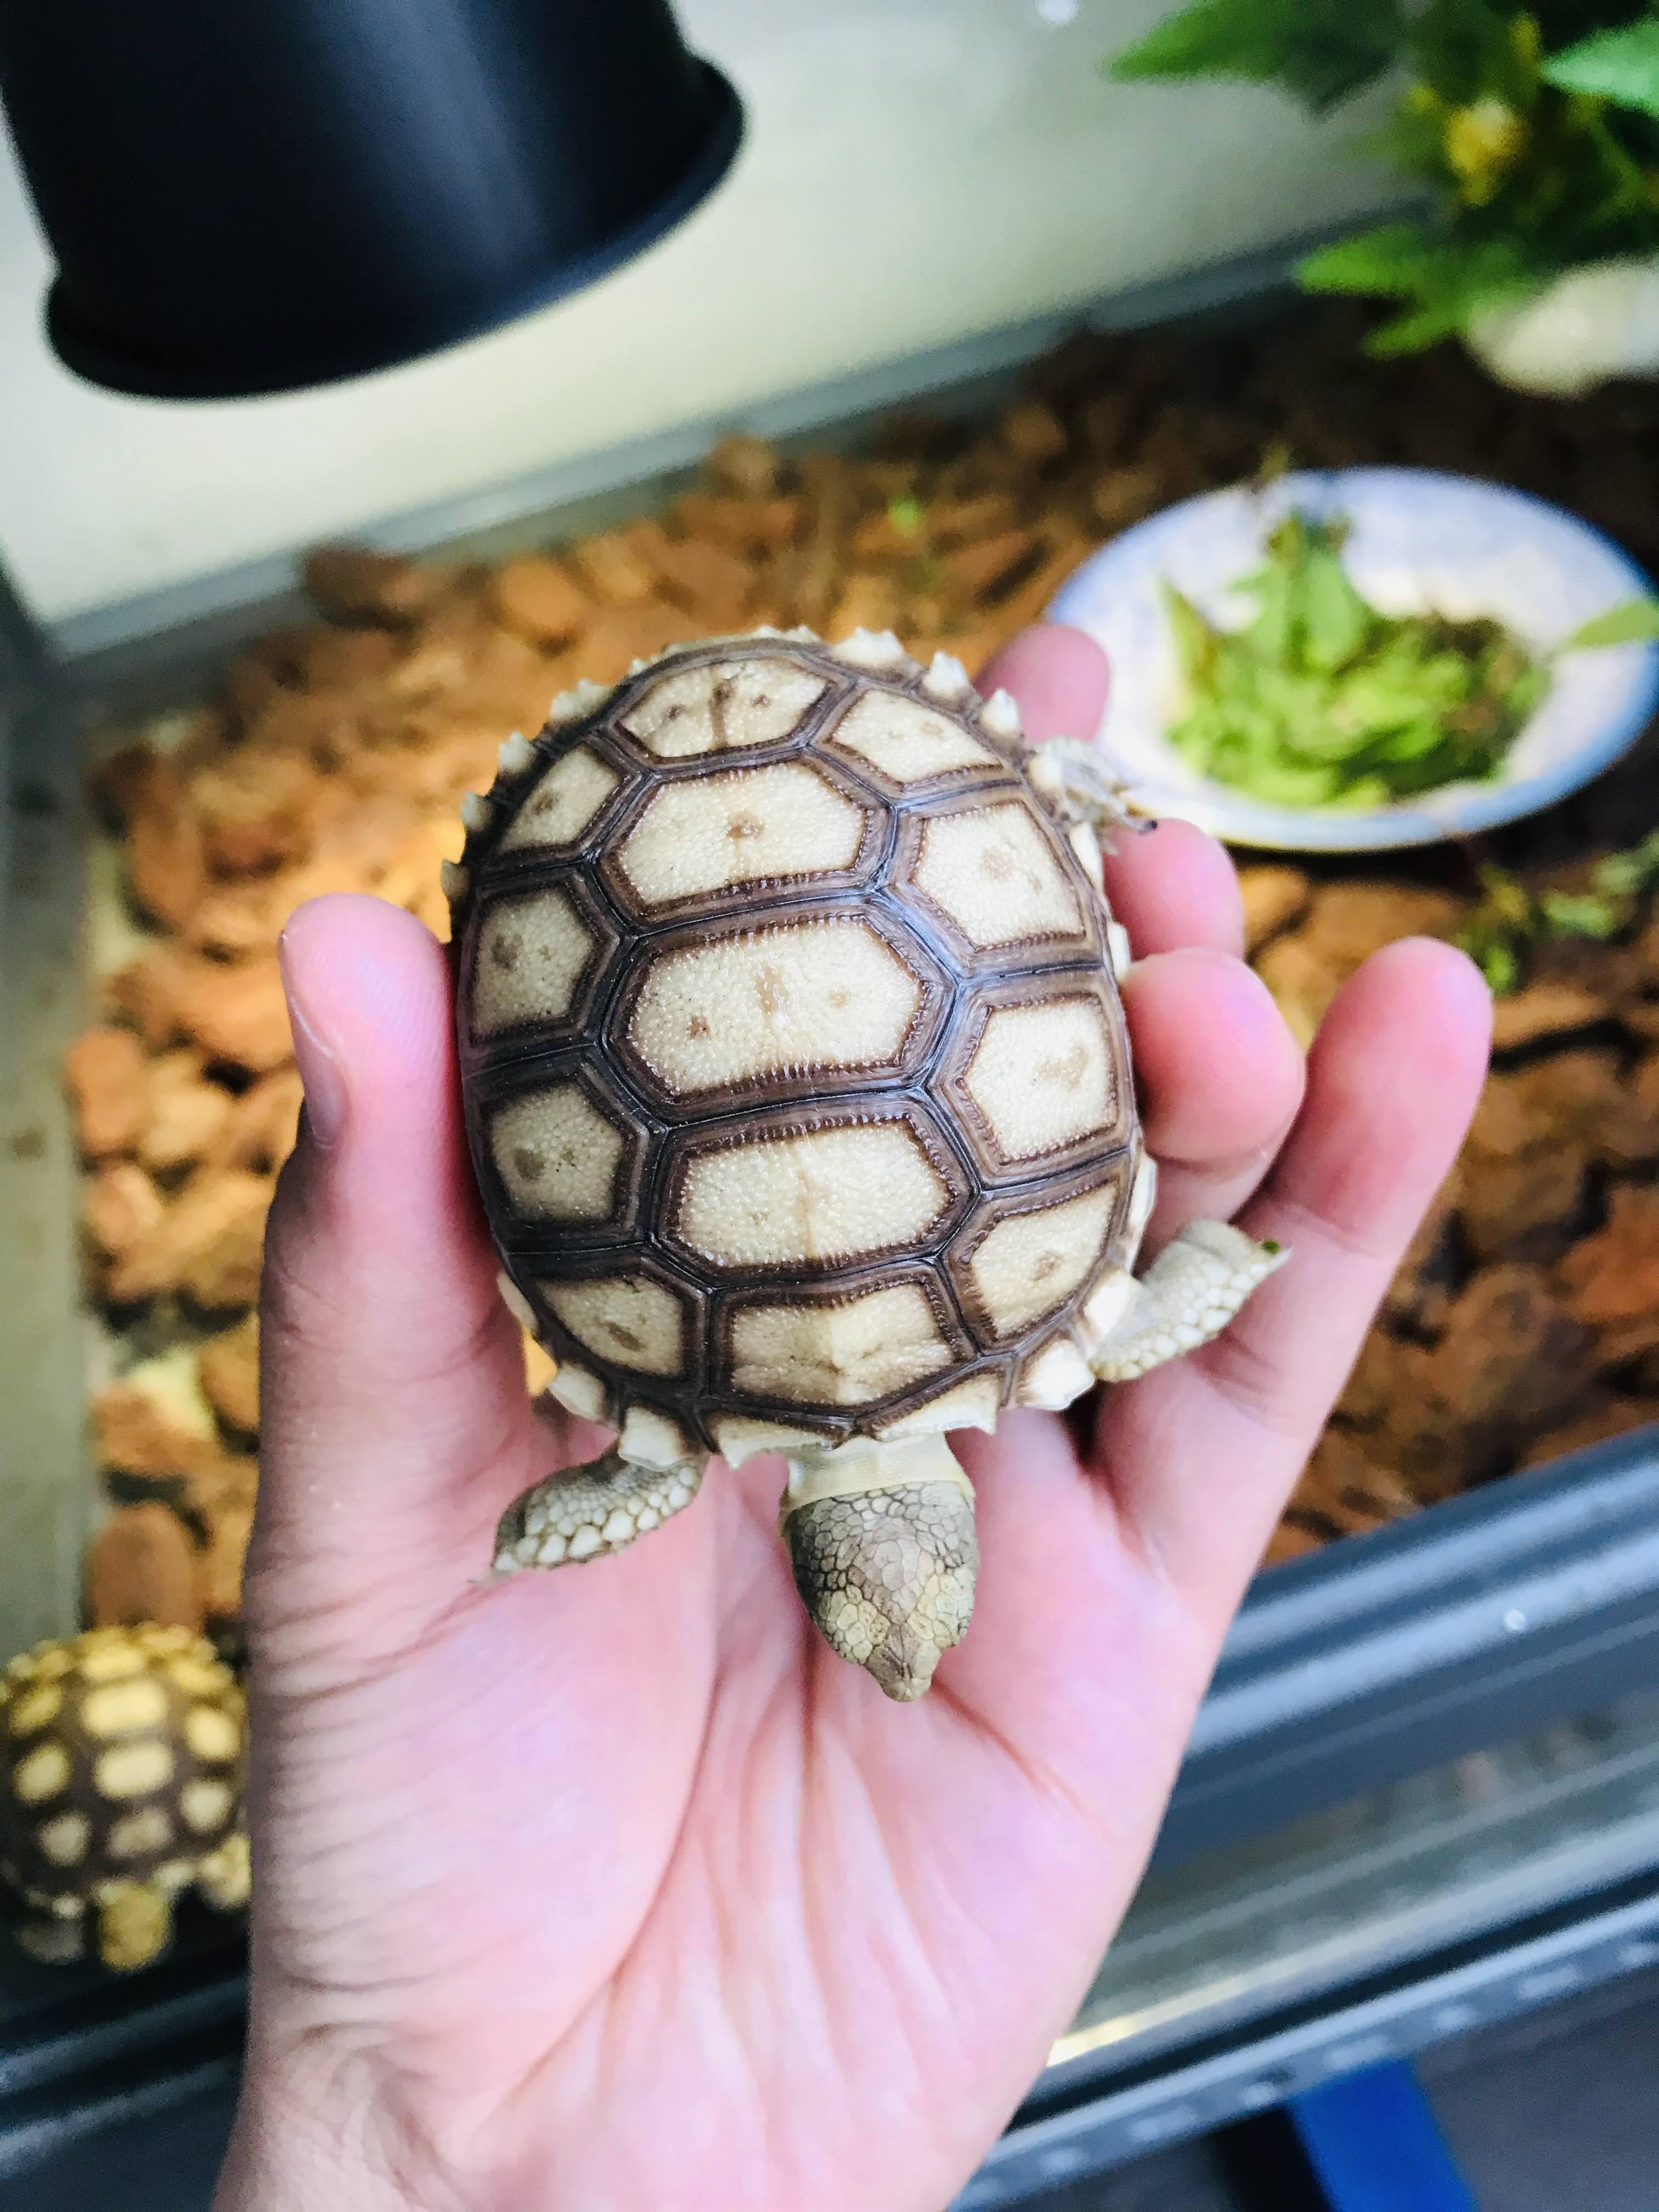 Giá Rùa Sulcata - Rùa Châu Phi Nhập Khẩu Bao Nhiêu? Cập Nhật 2020 12